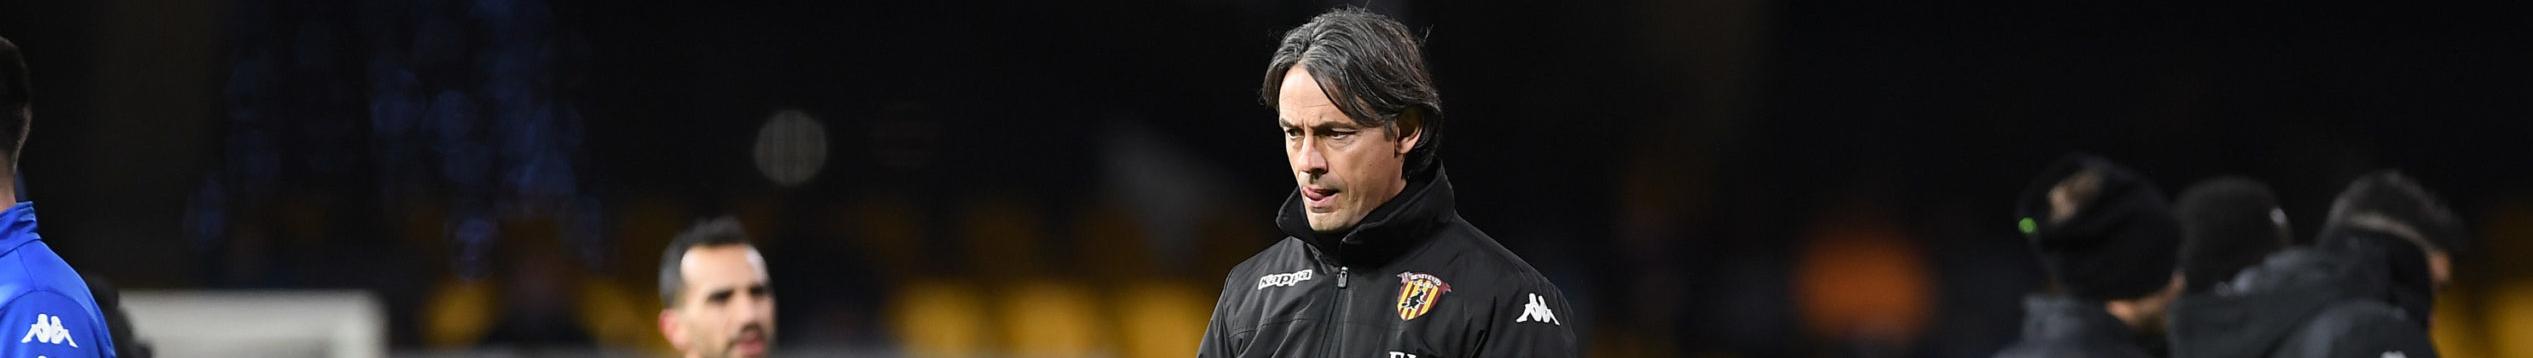 Benevento-Pordenone: scontro al vertice del campionato cadetto